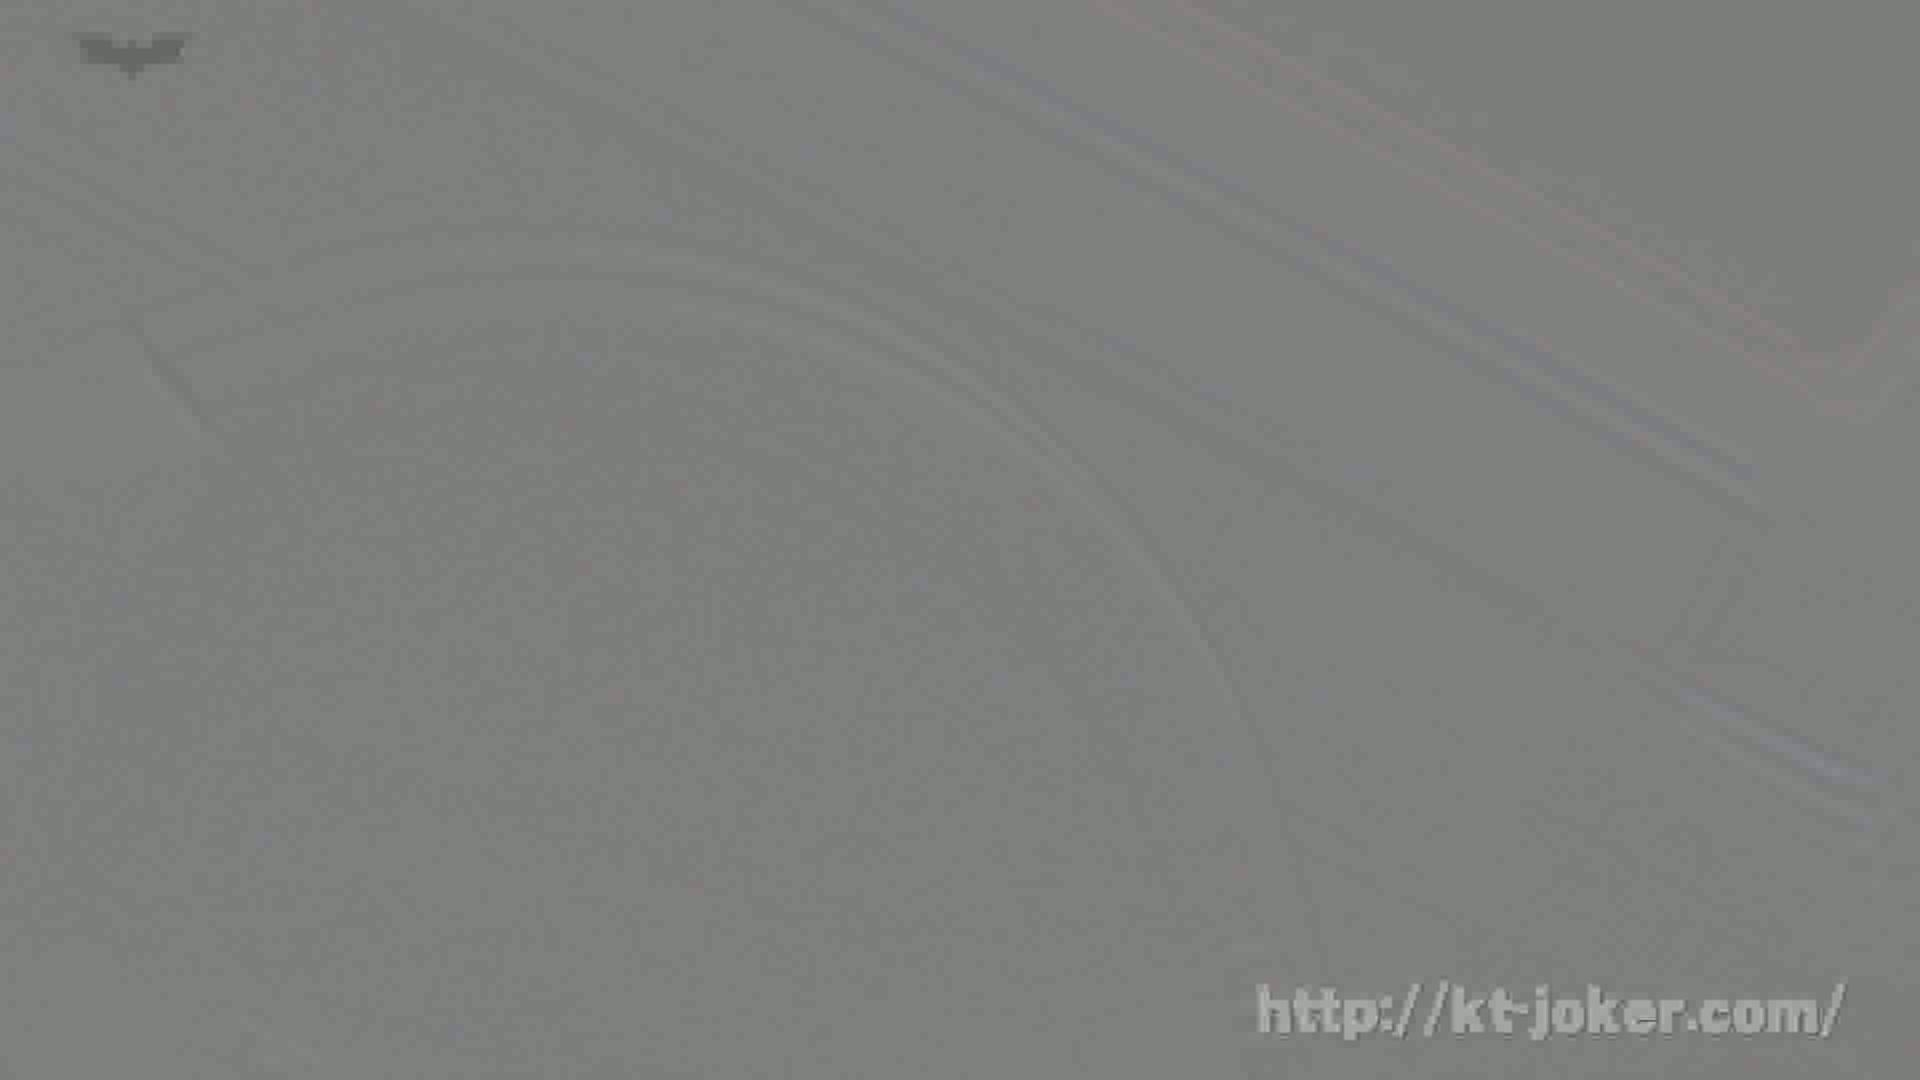 命がけ潜伏洗面所! vol.71 典型的な韓国人美女登場!! OLセックス 隠し撮りAV無料 82画像 66